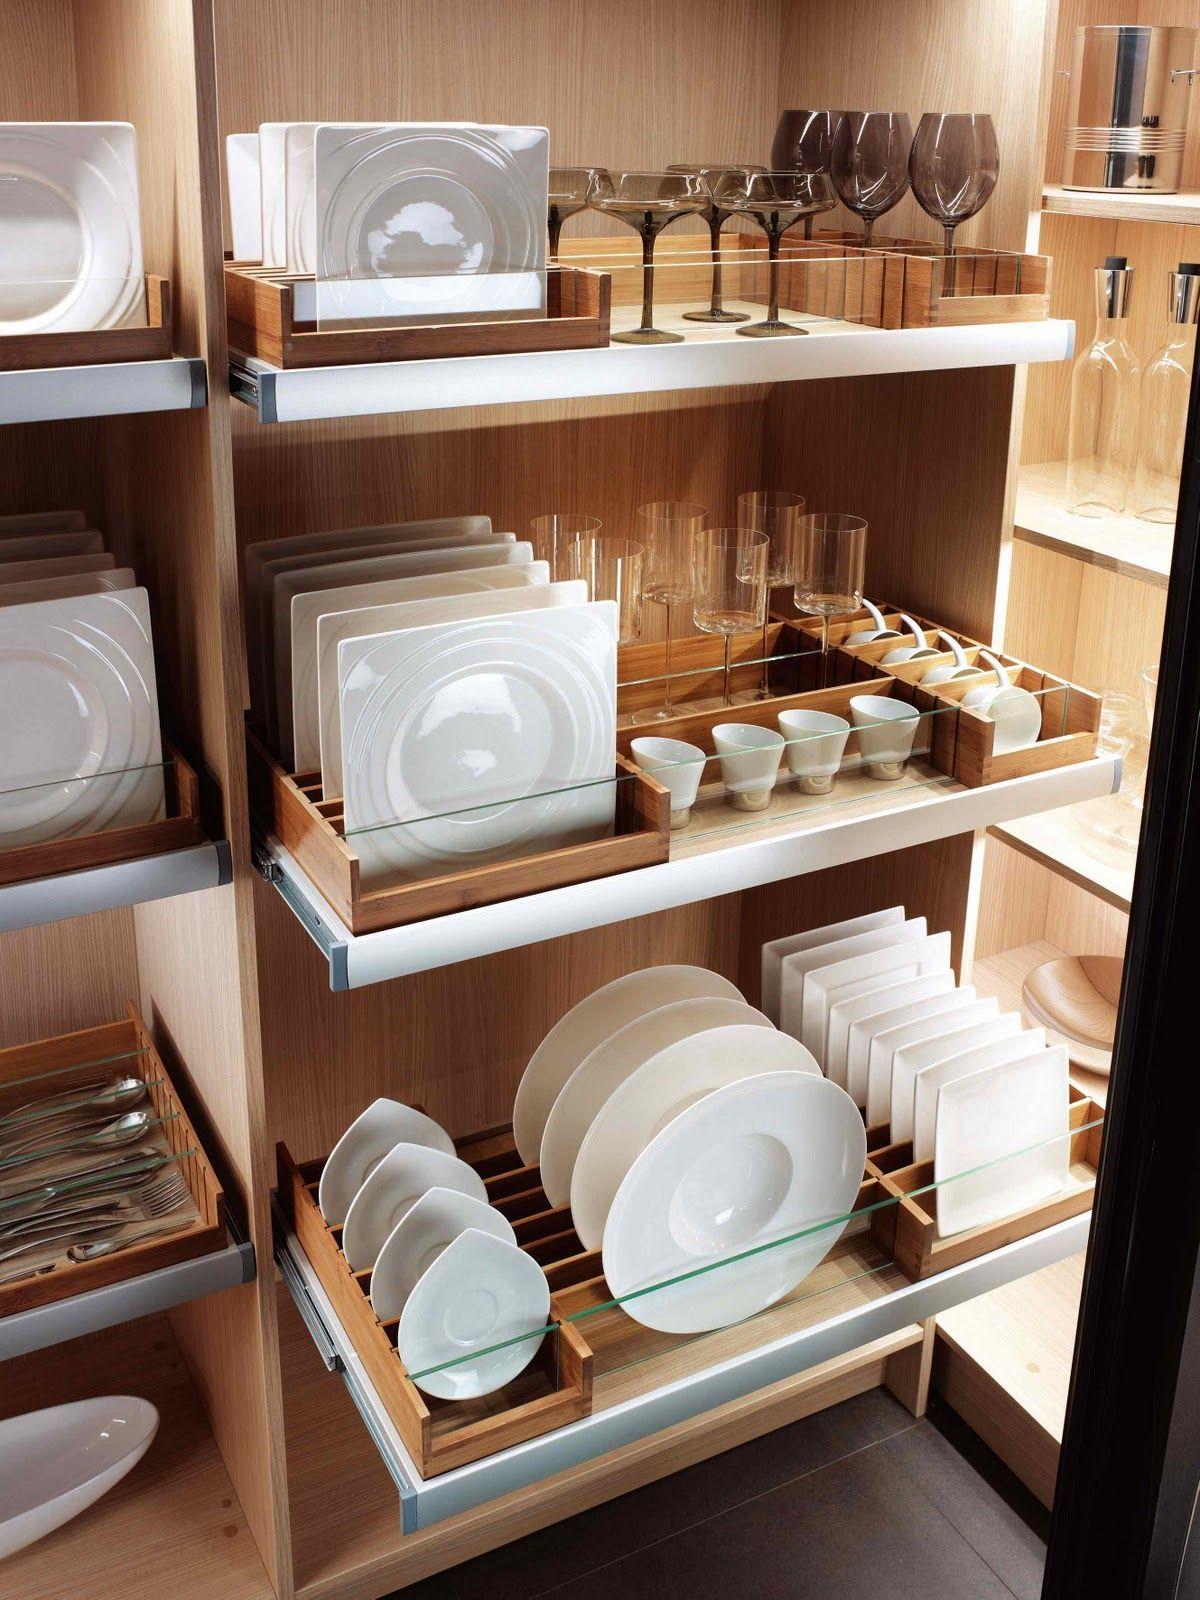 Photo Idee Deco Ustensiles Cuisine